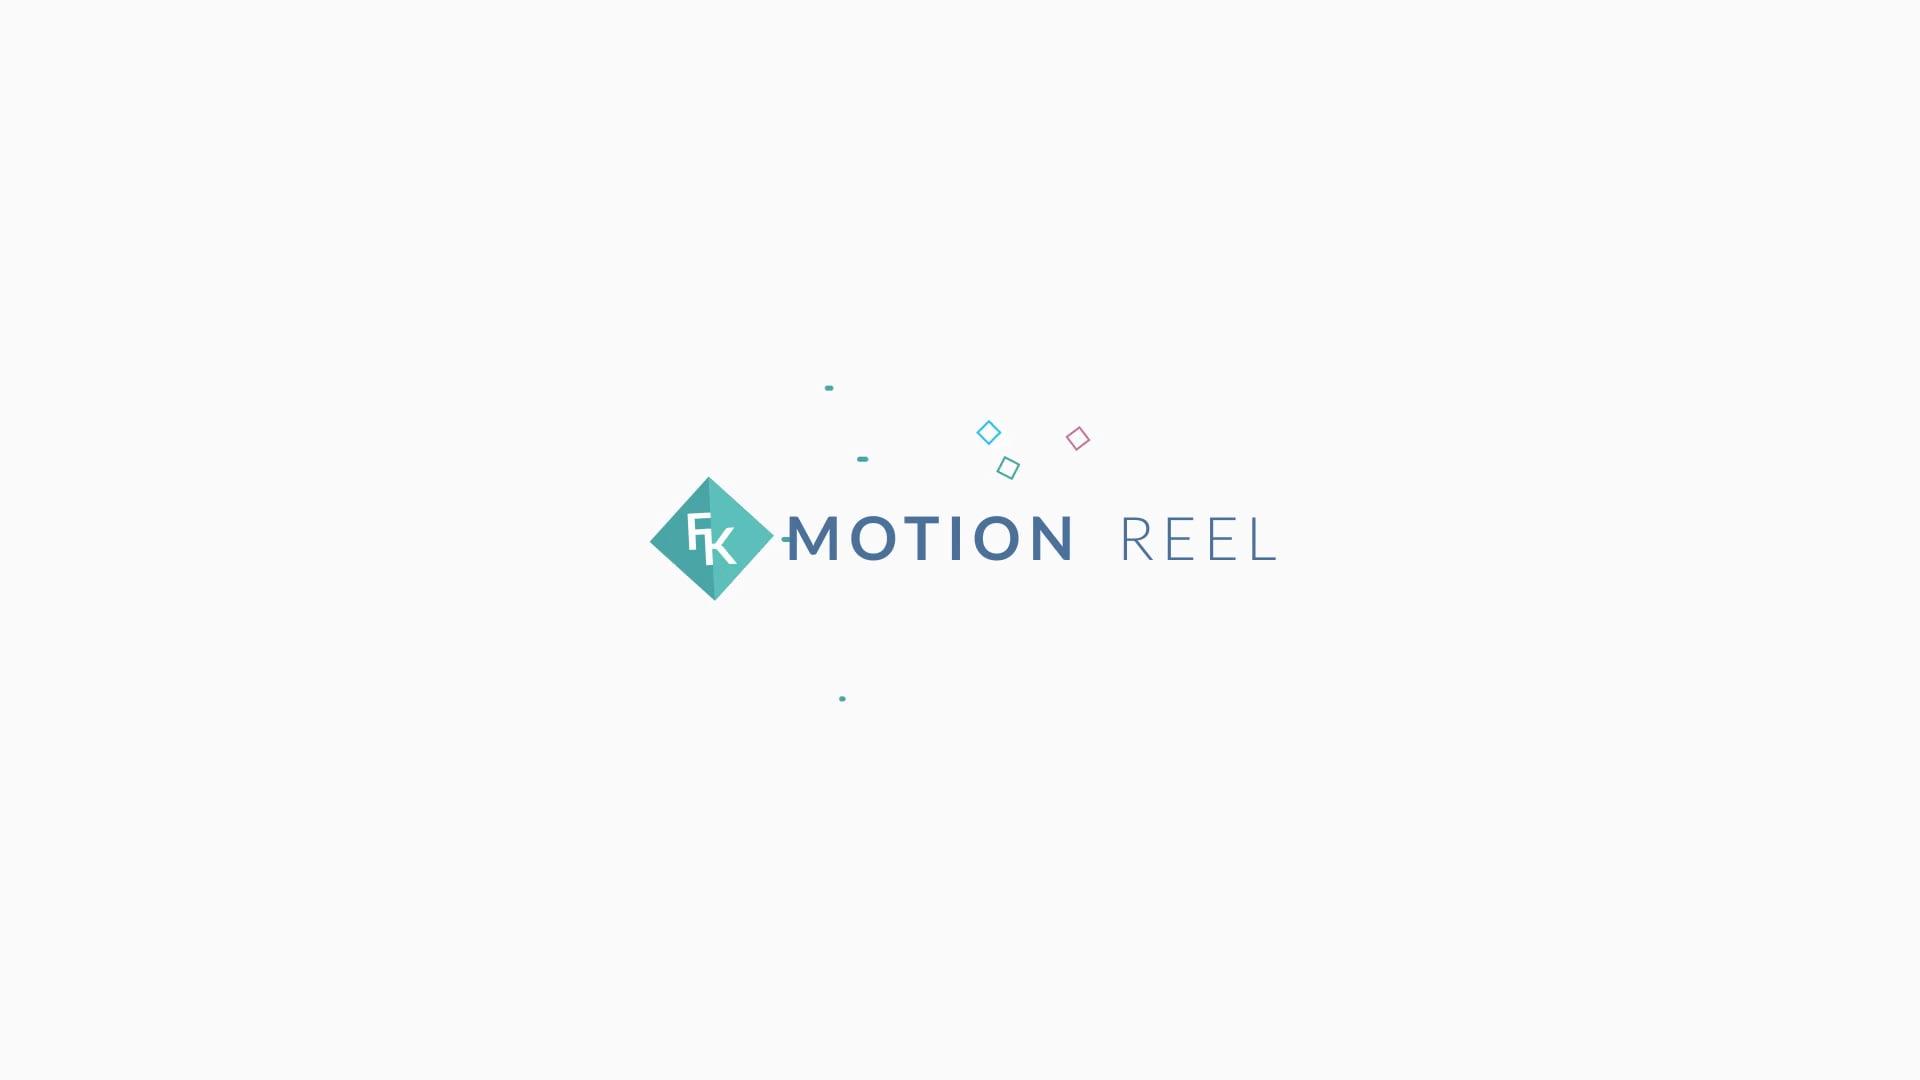 Frank Keyner Motion Design Reel